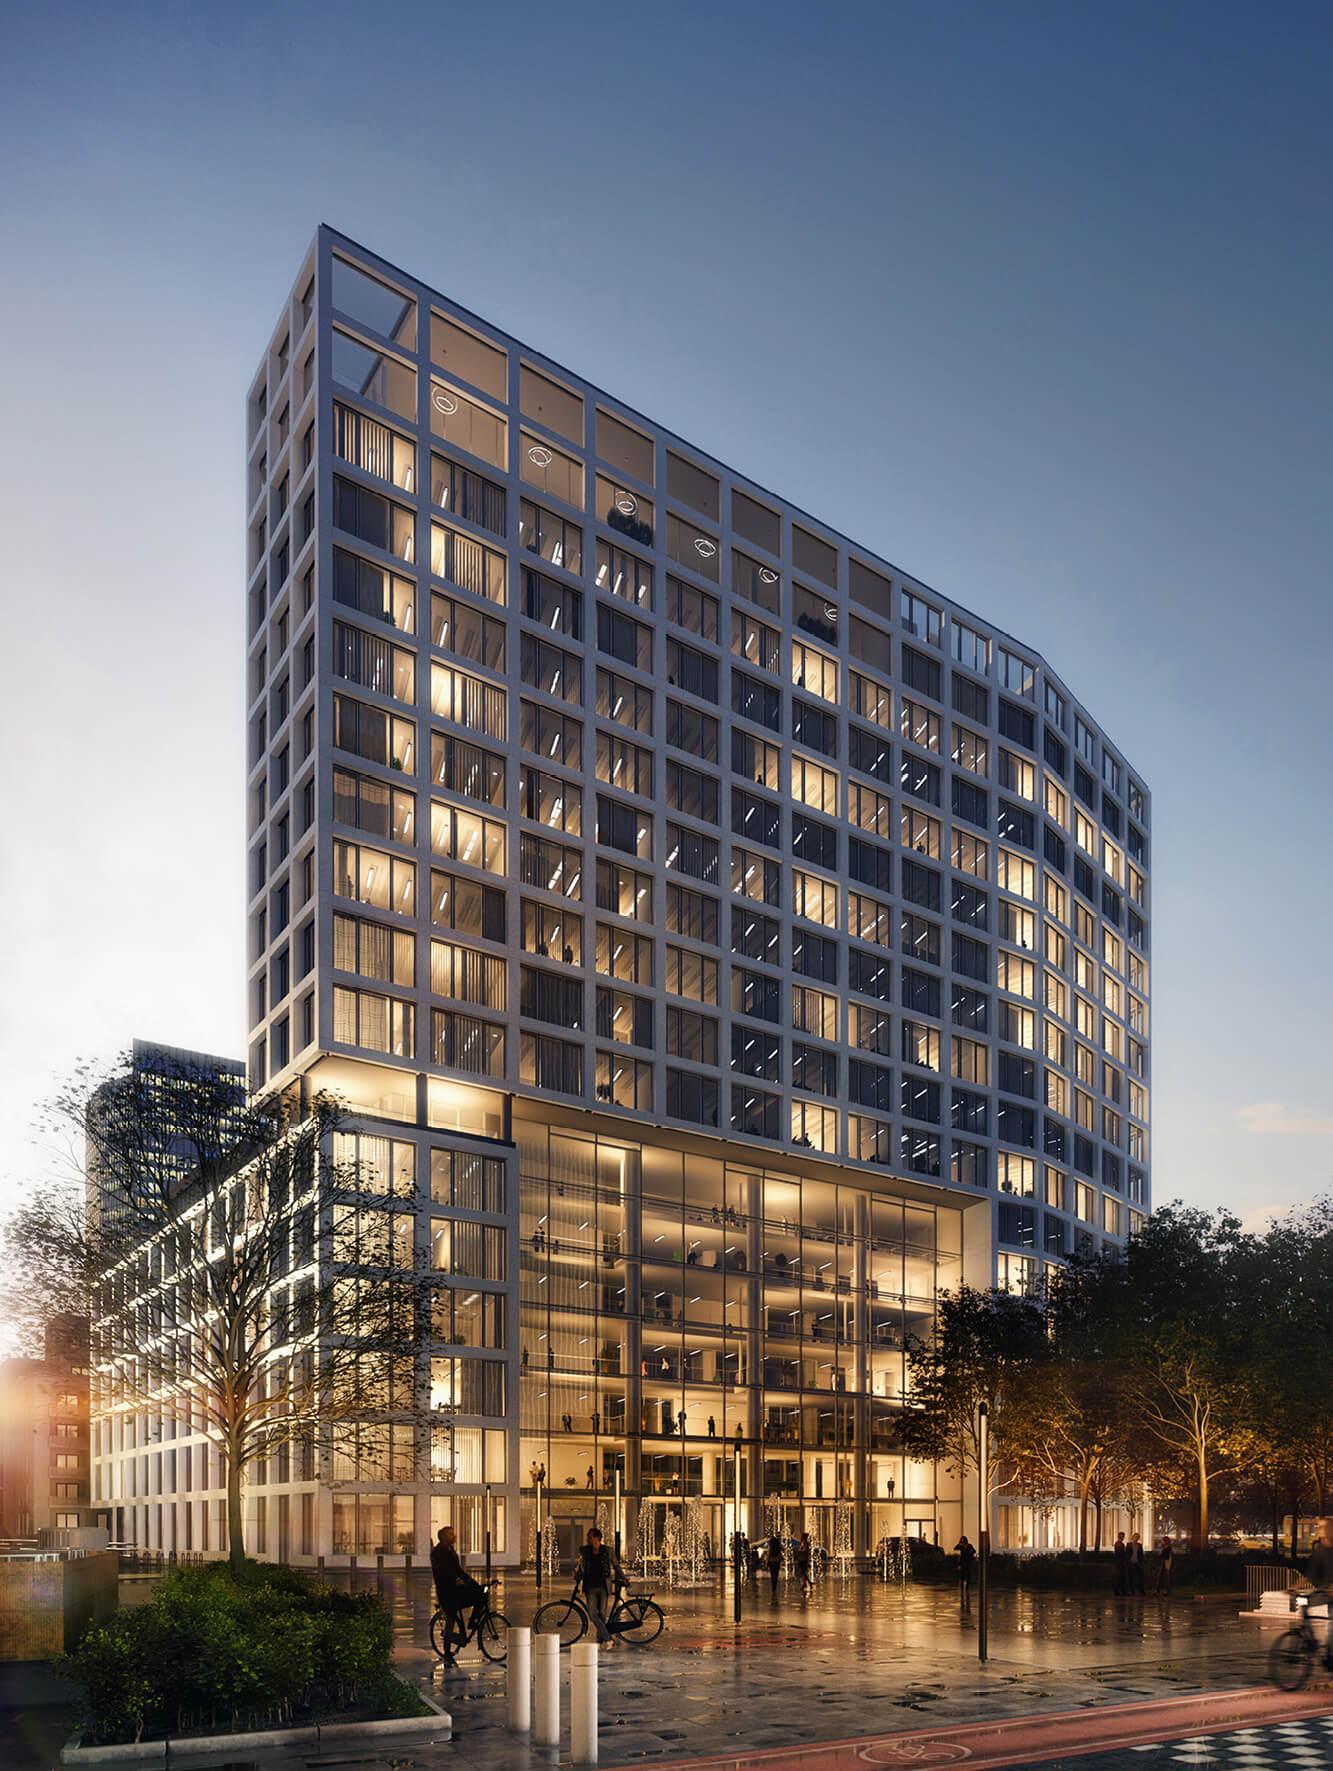 YRDS, ein Smart Building in Düsseldorf, hell, große Fenster und markante Architektur.